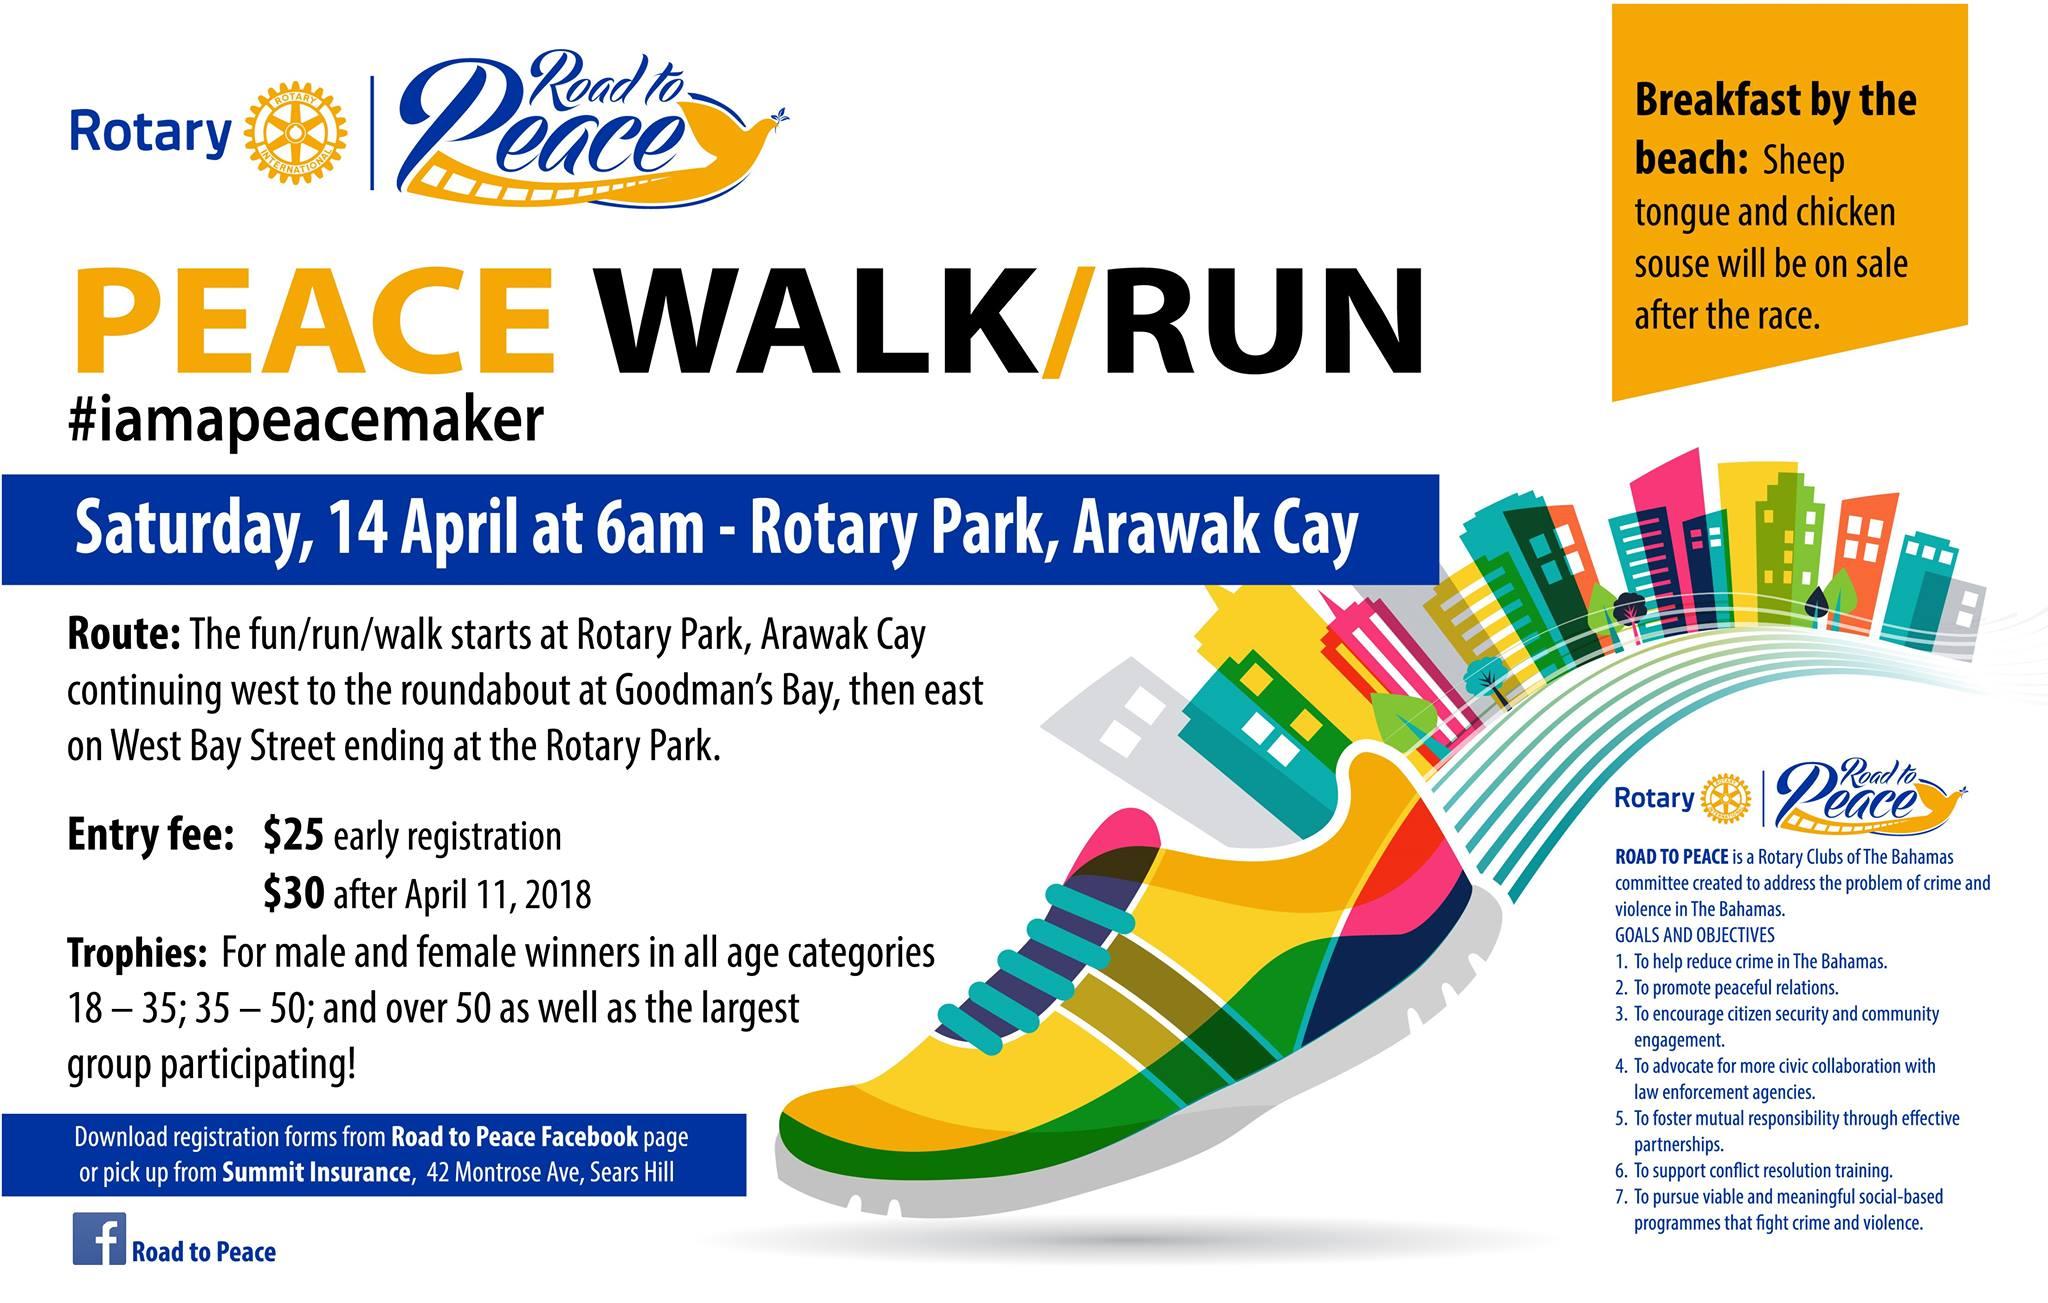 Rotary Peace Walk/Run April 14, 2018 - WeblogBahamas com